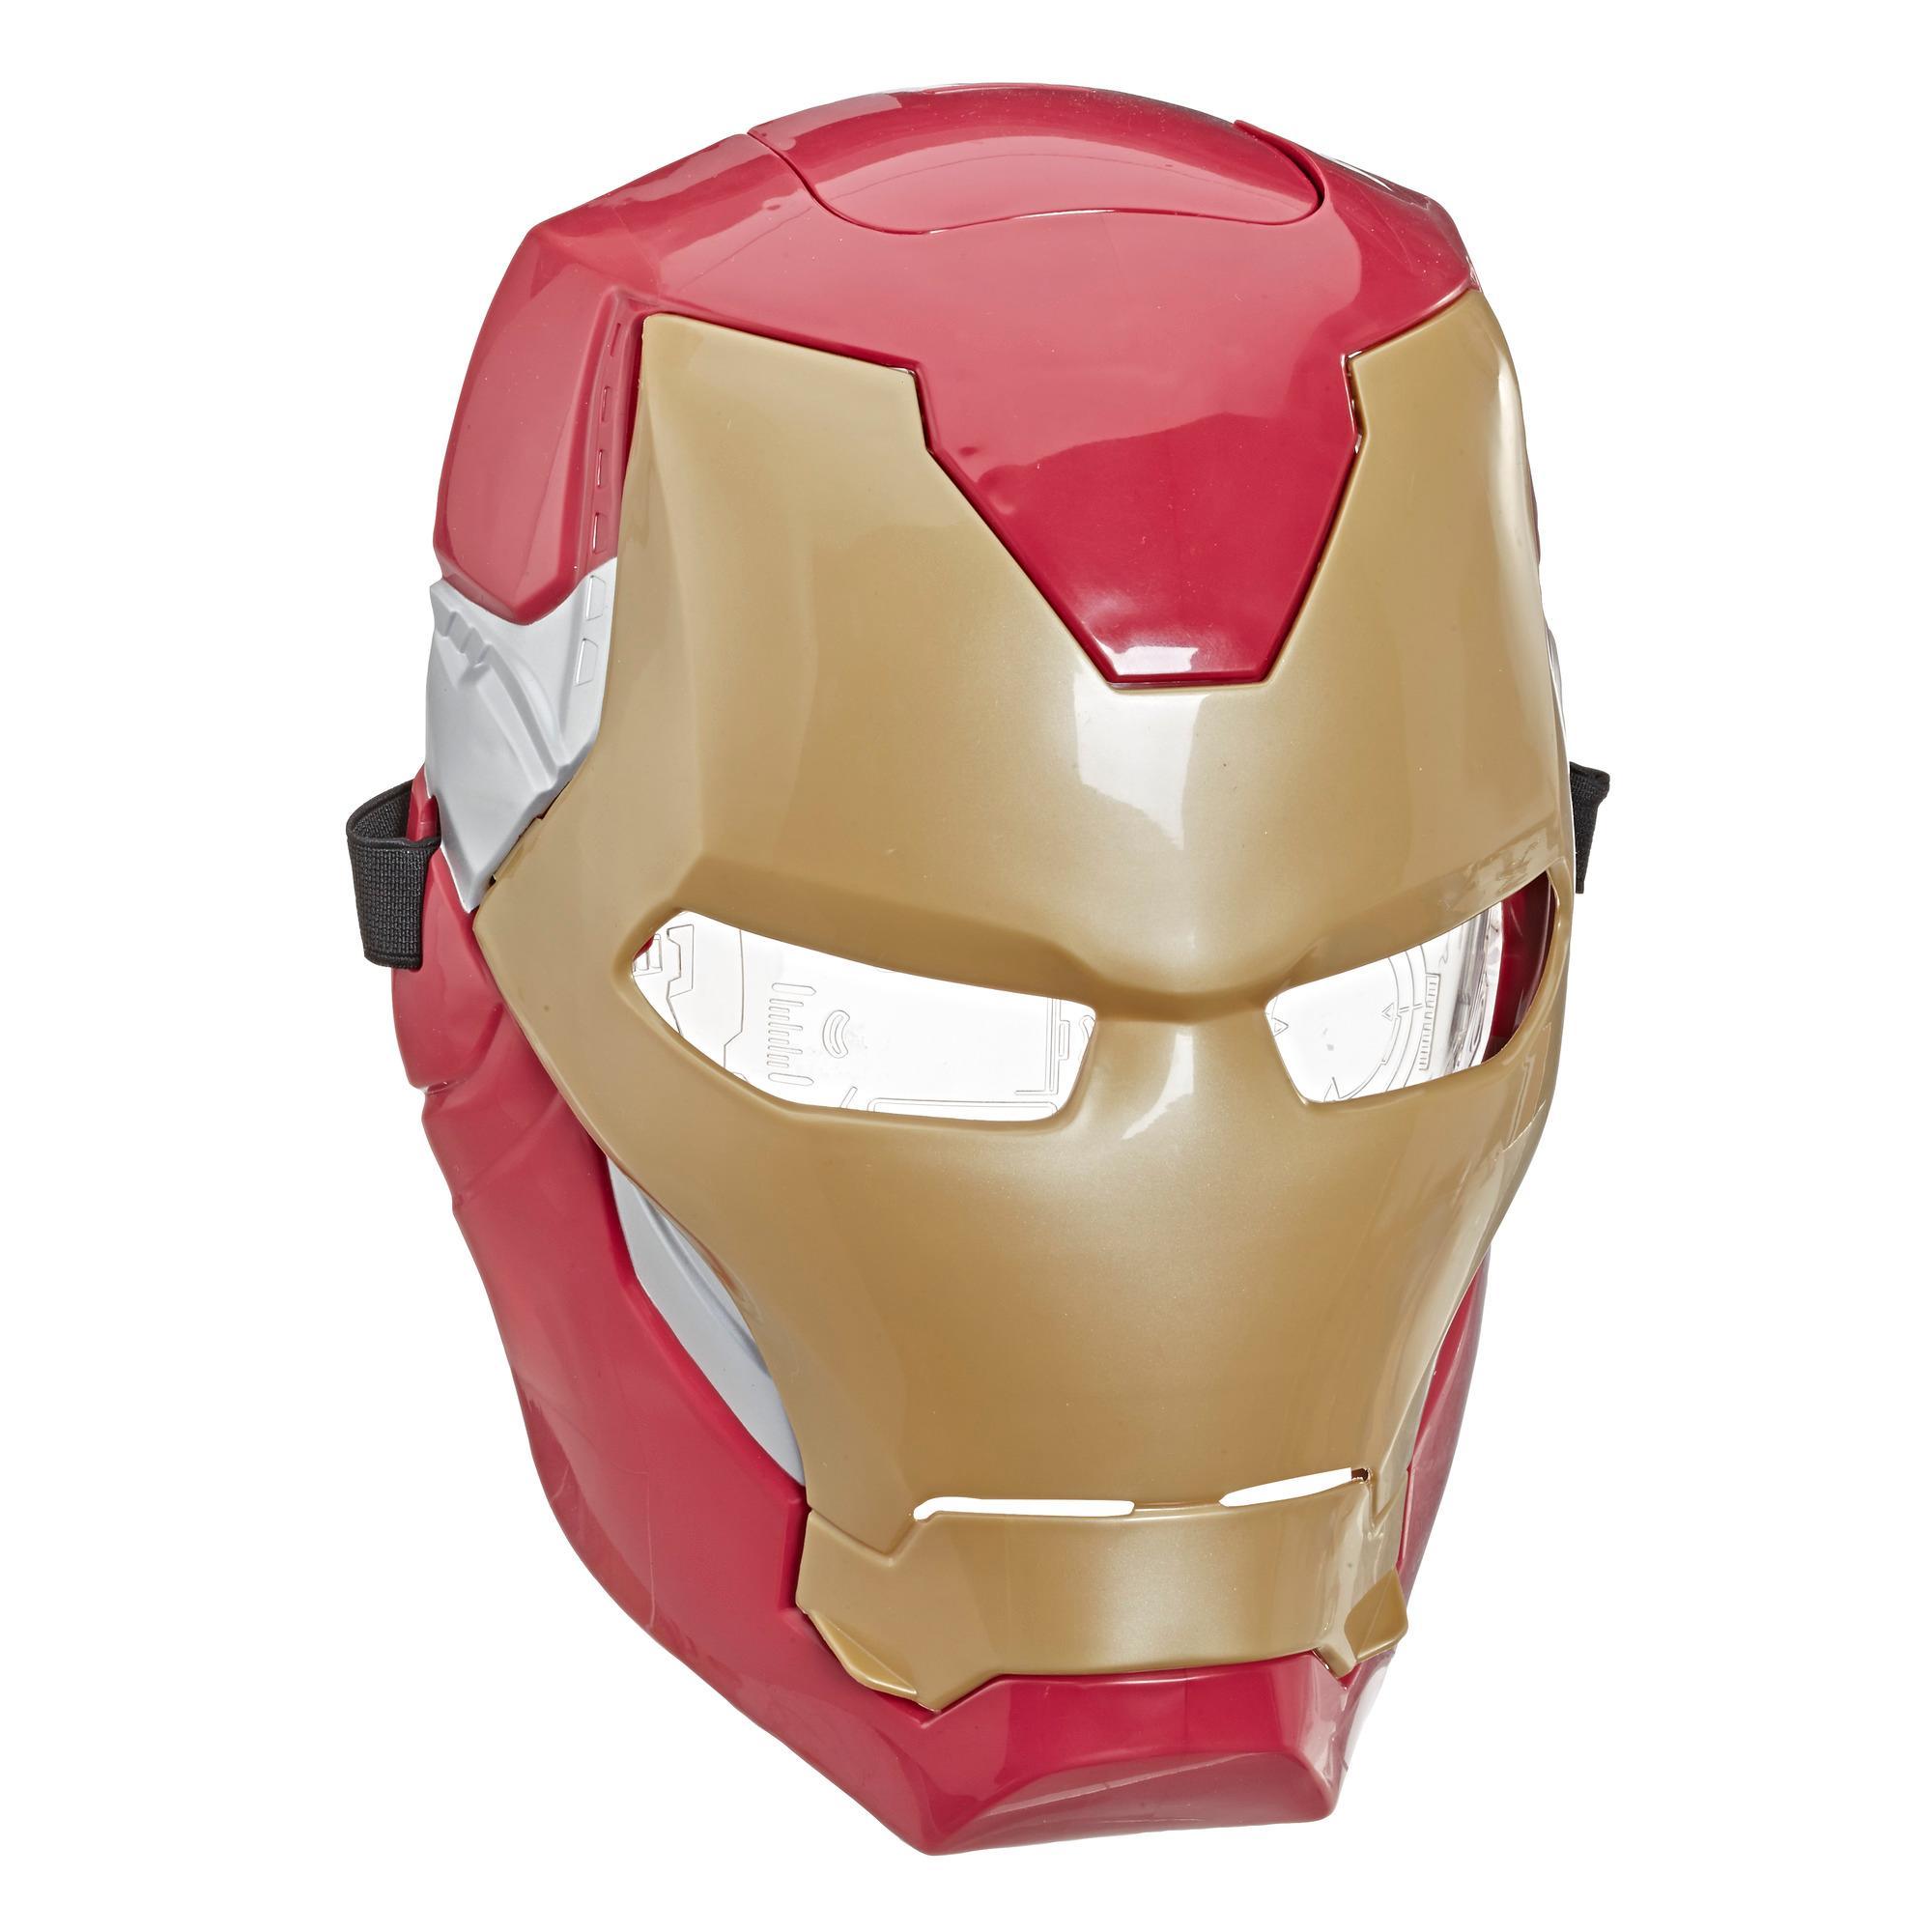 Marvel Avengers Masque à visière mobile d'Iron Man avec effets lumineux activés par la visière pour jeu costumé et jeu de rôle